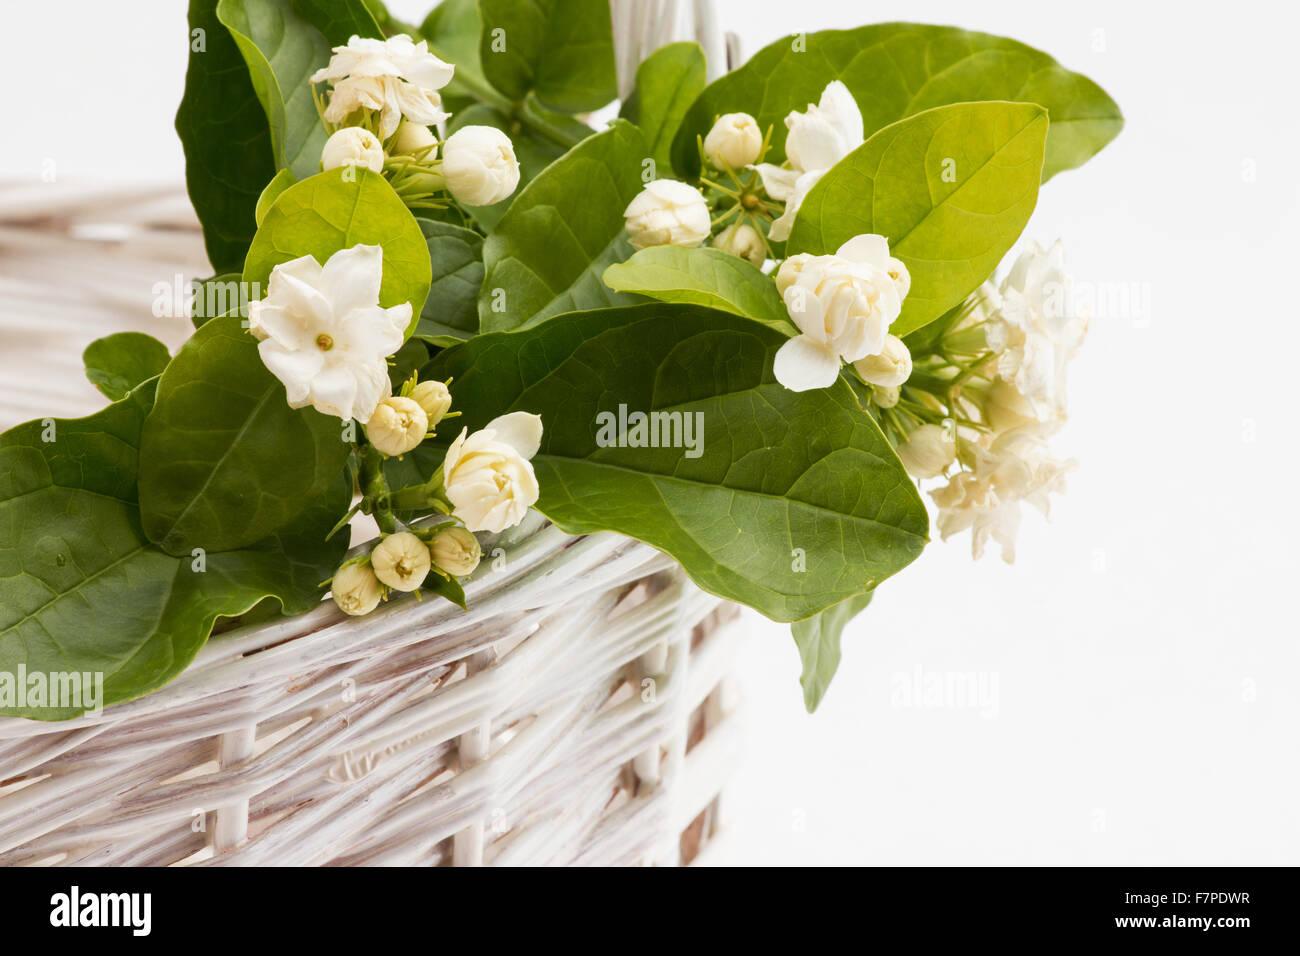 Jasmine flowers arabian jasmine jasminum sambac in a basket stock jasmine flowers arabian jasmine jasminum sambac in a basket izmirmasajfo